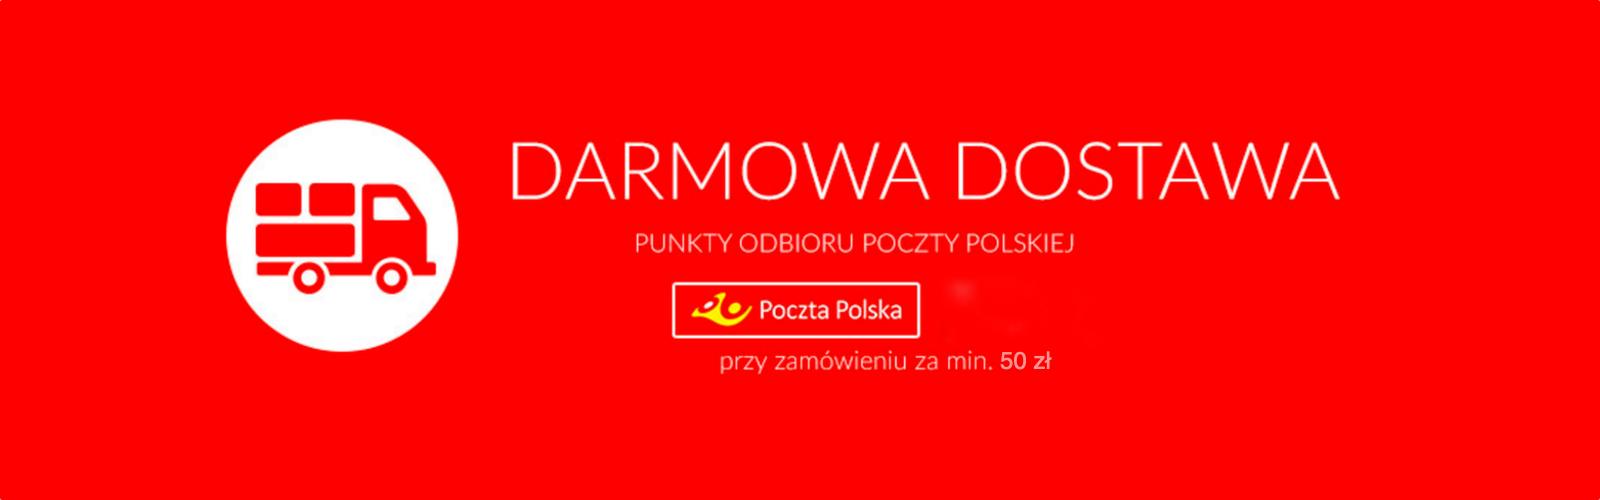 Darmowa dostawa poczty polskiej